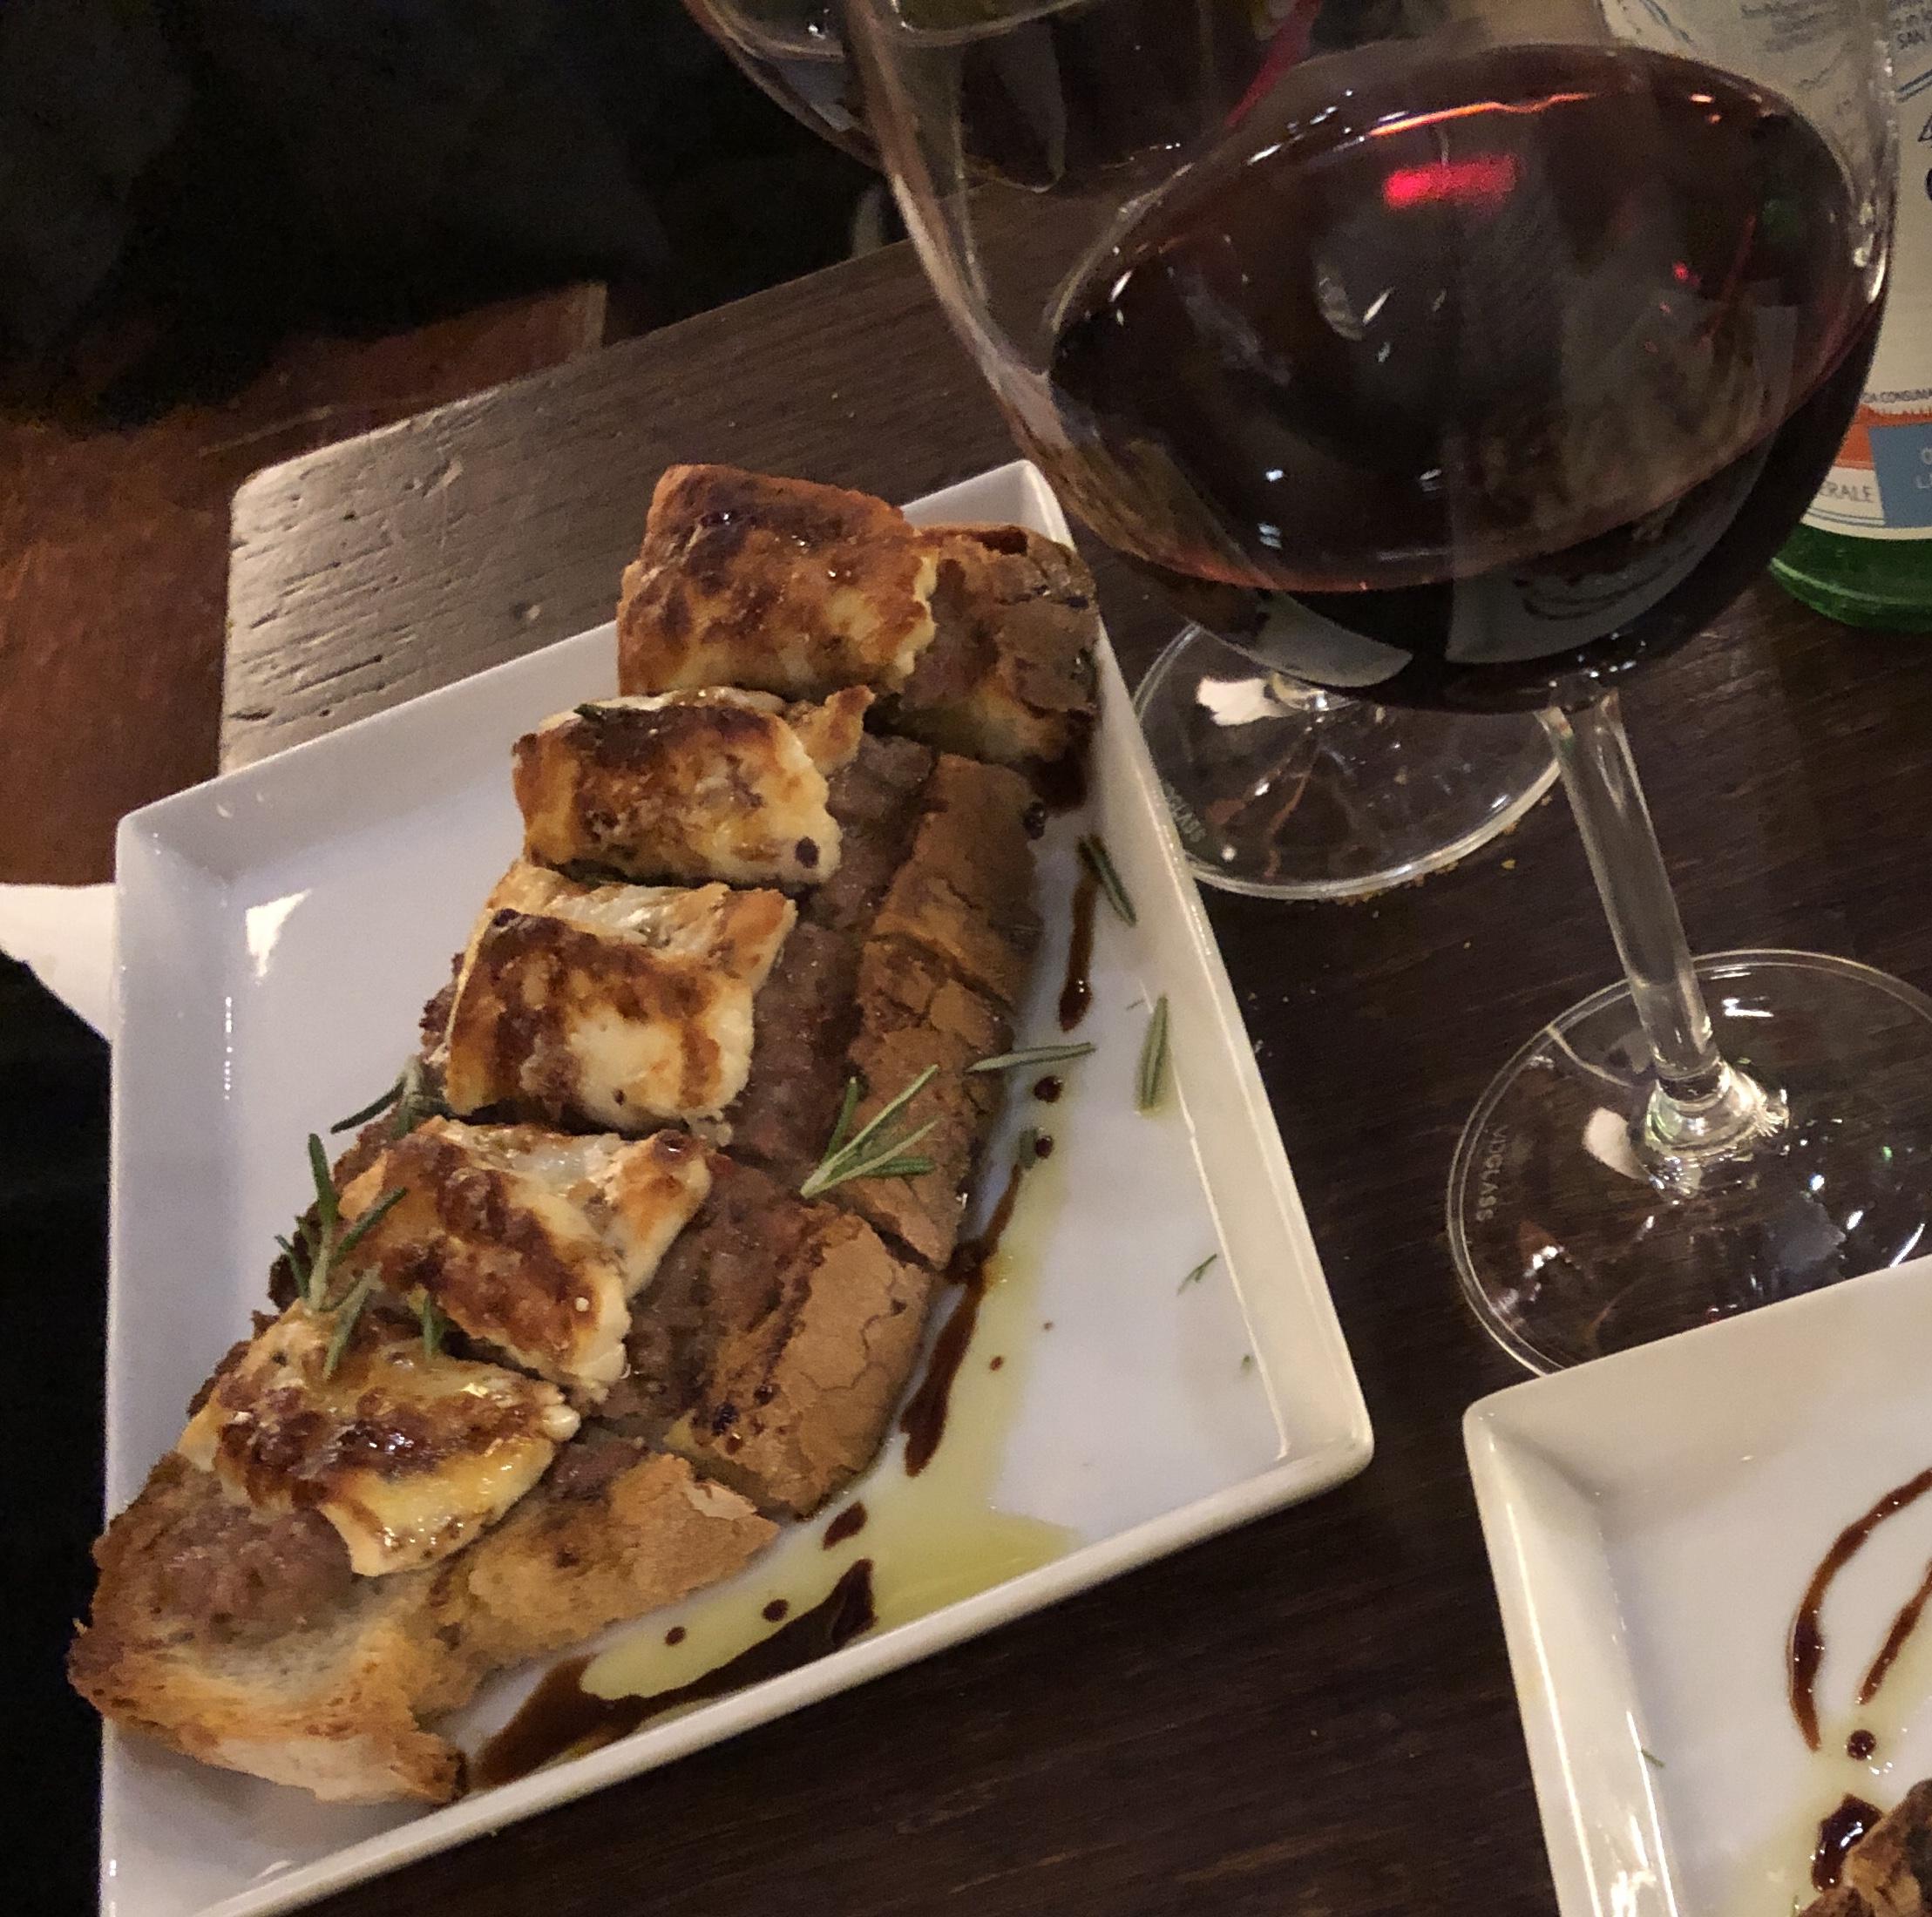 Crostini and wine at Il Santino